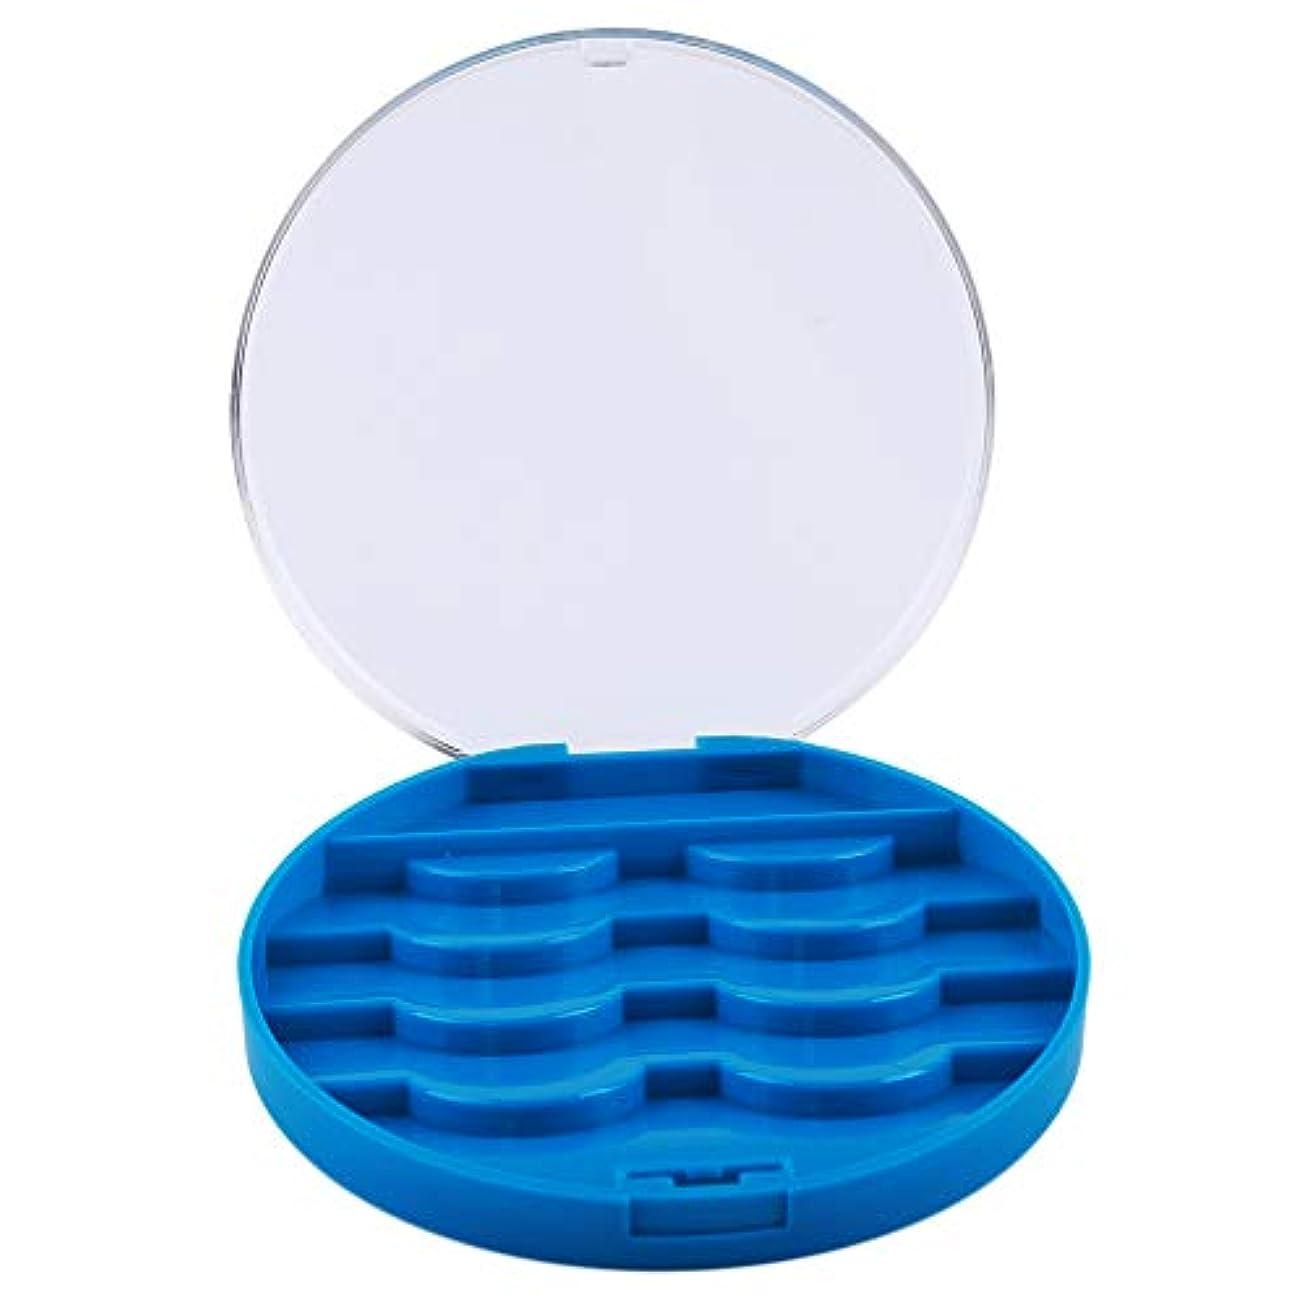 反射後方に登場JIOLK まつげケース 付けまつげ まつげ 収納ボックス 小物収納ケース 便利 メイクアップ 可愛 コンテナ ラッシュ ホルダー